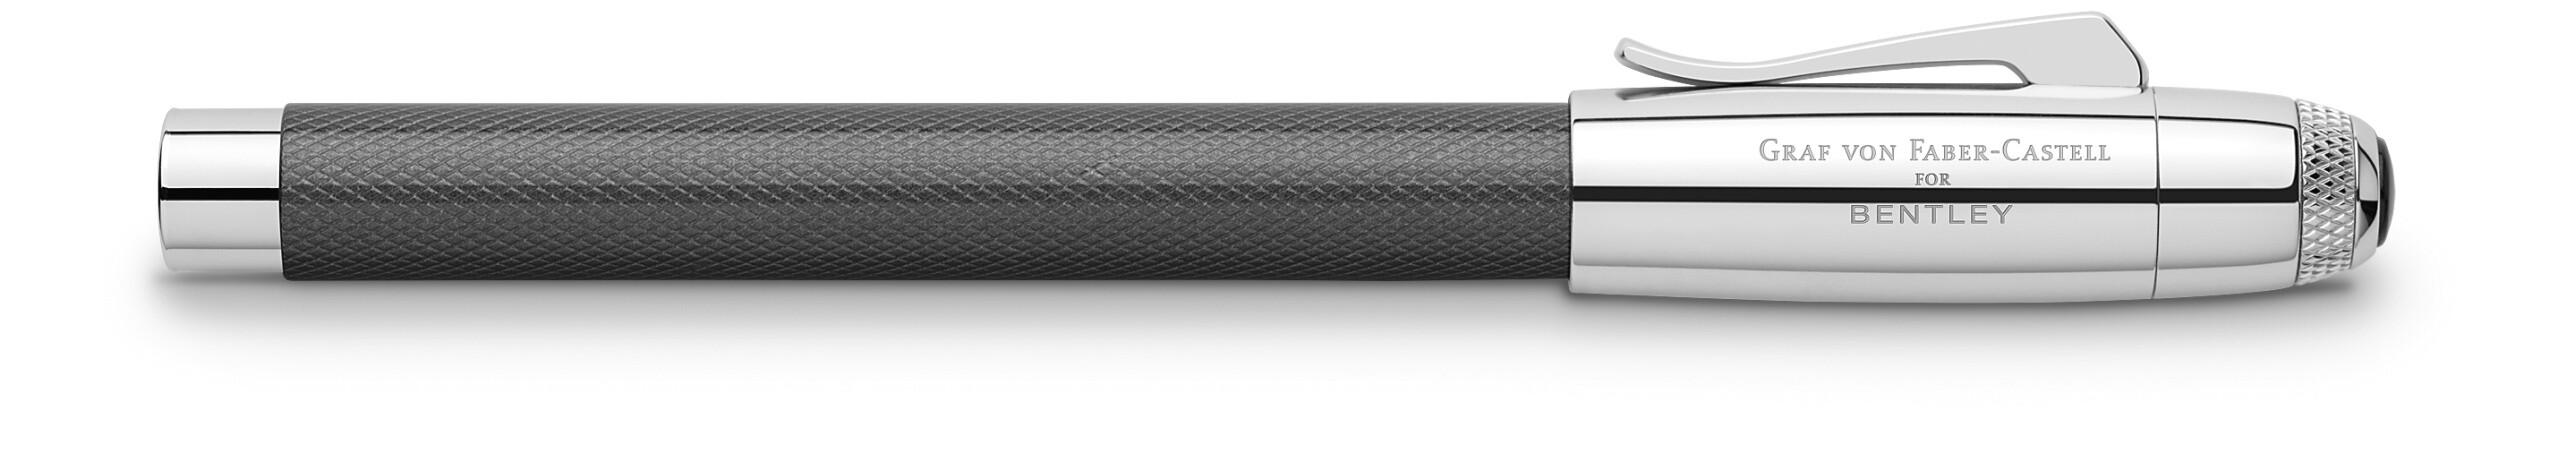 Graf von Faber-Castell Bentley Tungsten Tintenroller 03